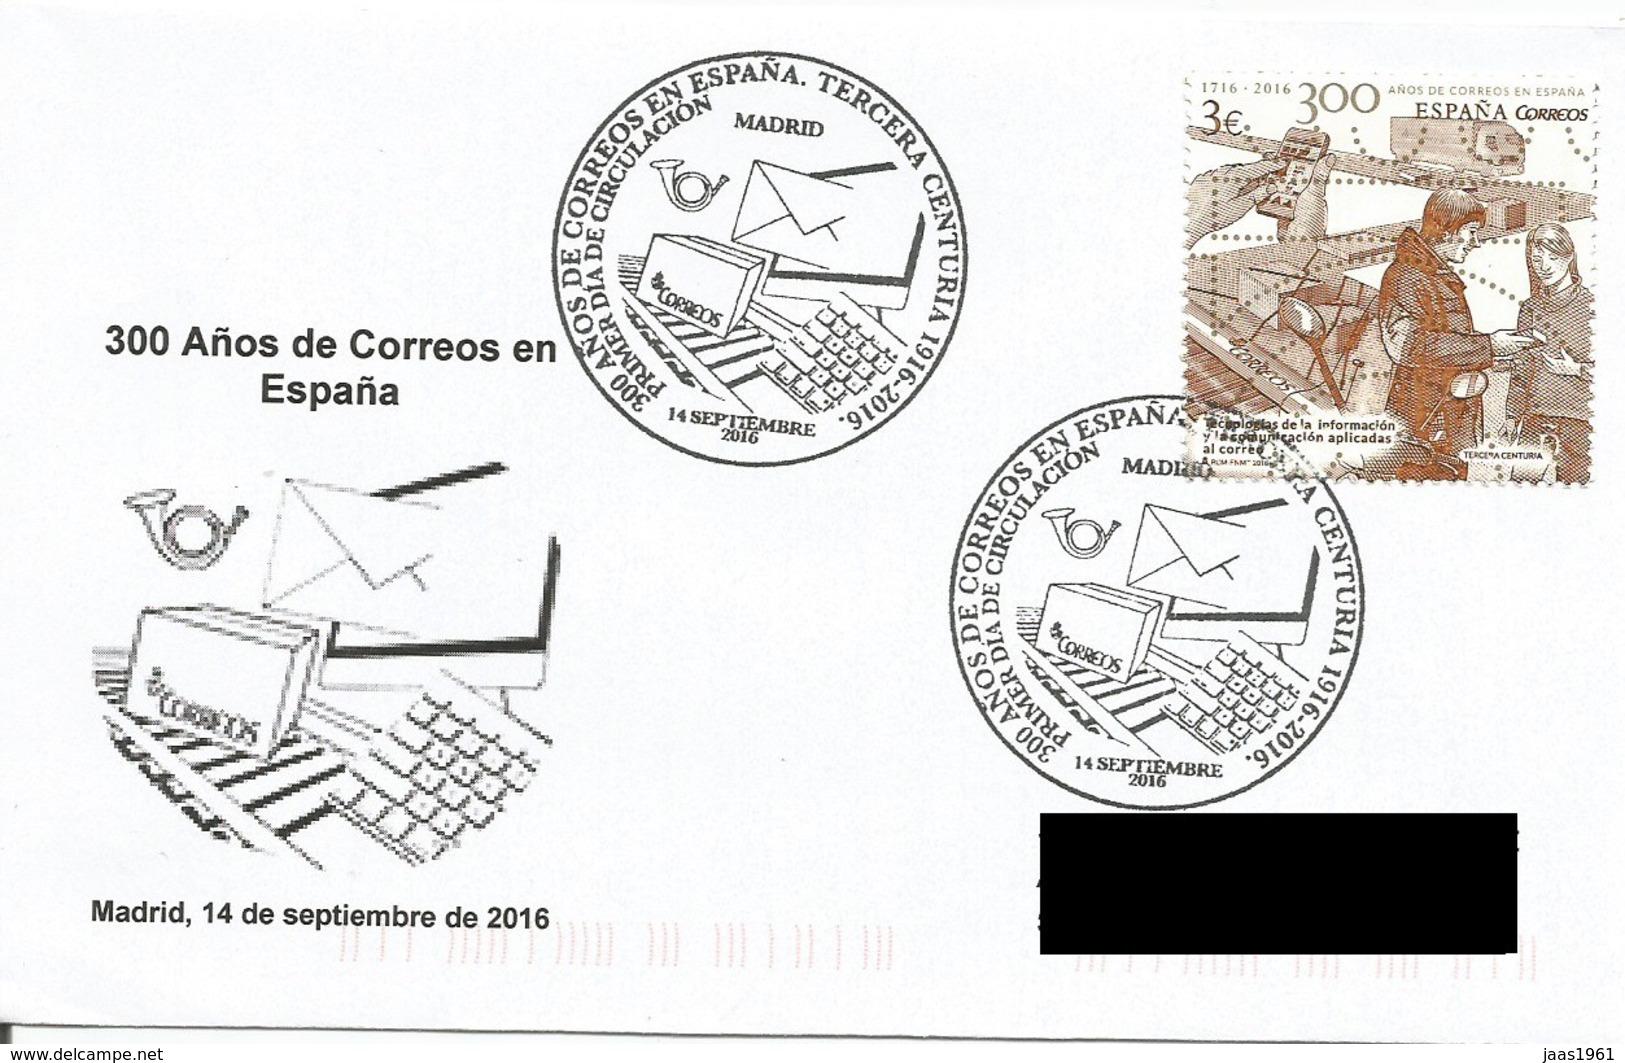 ESPAÑA. FDC 300th ANNIV. CORREOS IN SPAIN. MADRID 2016 - FDC